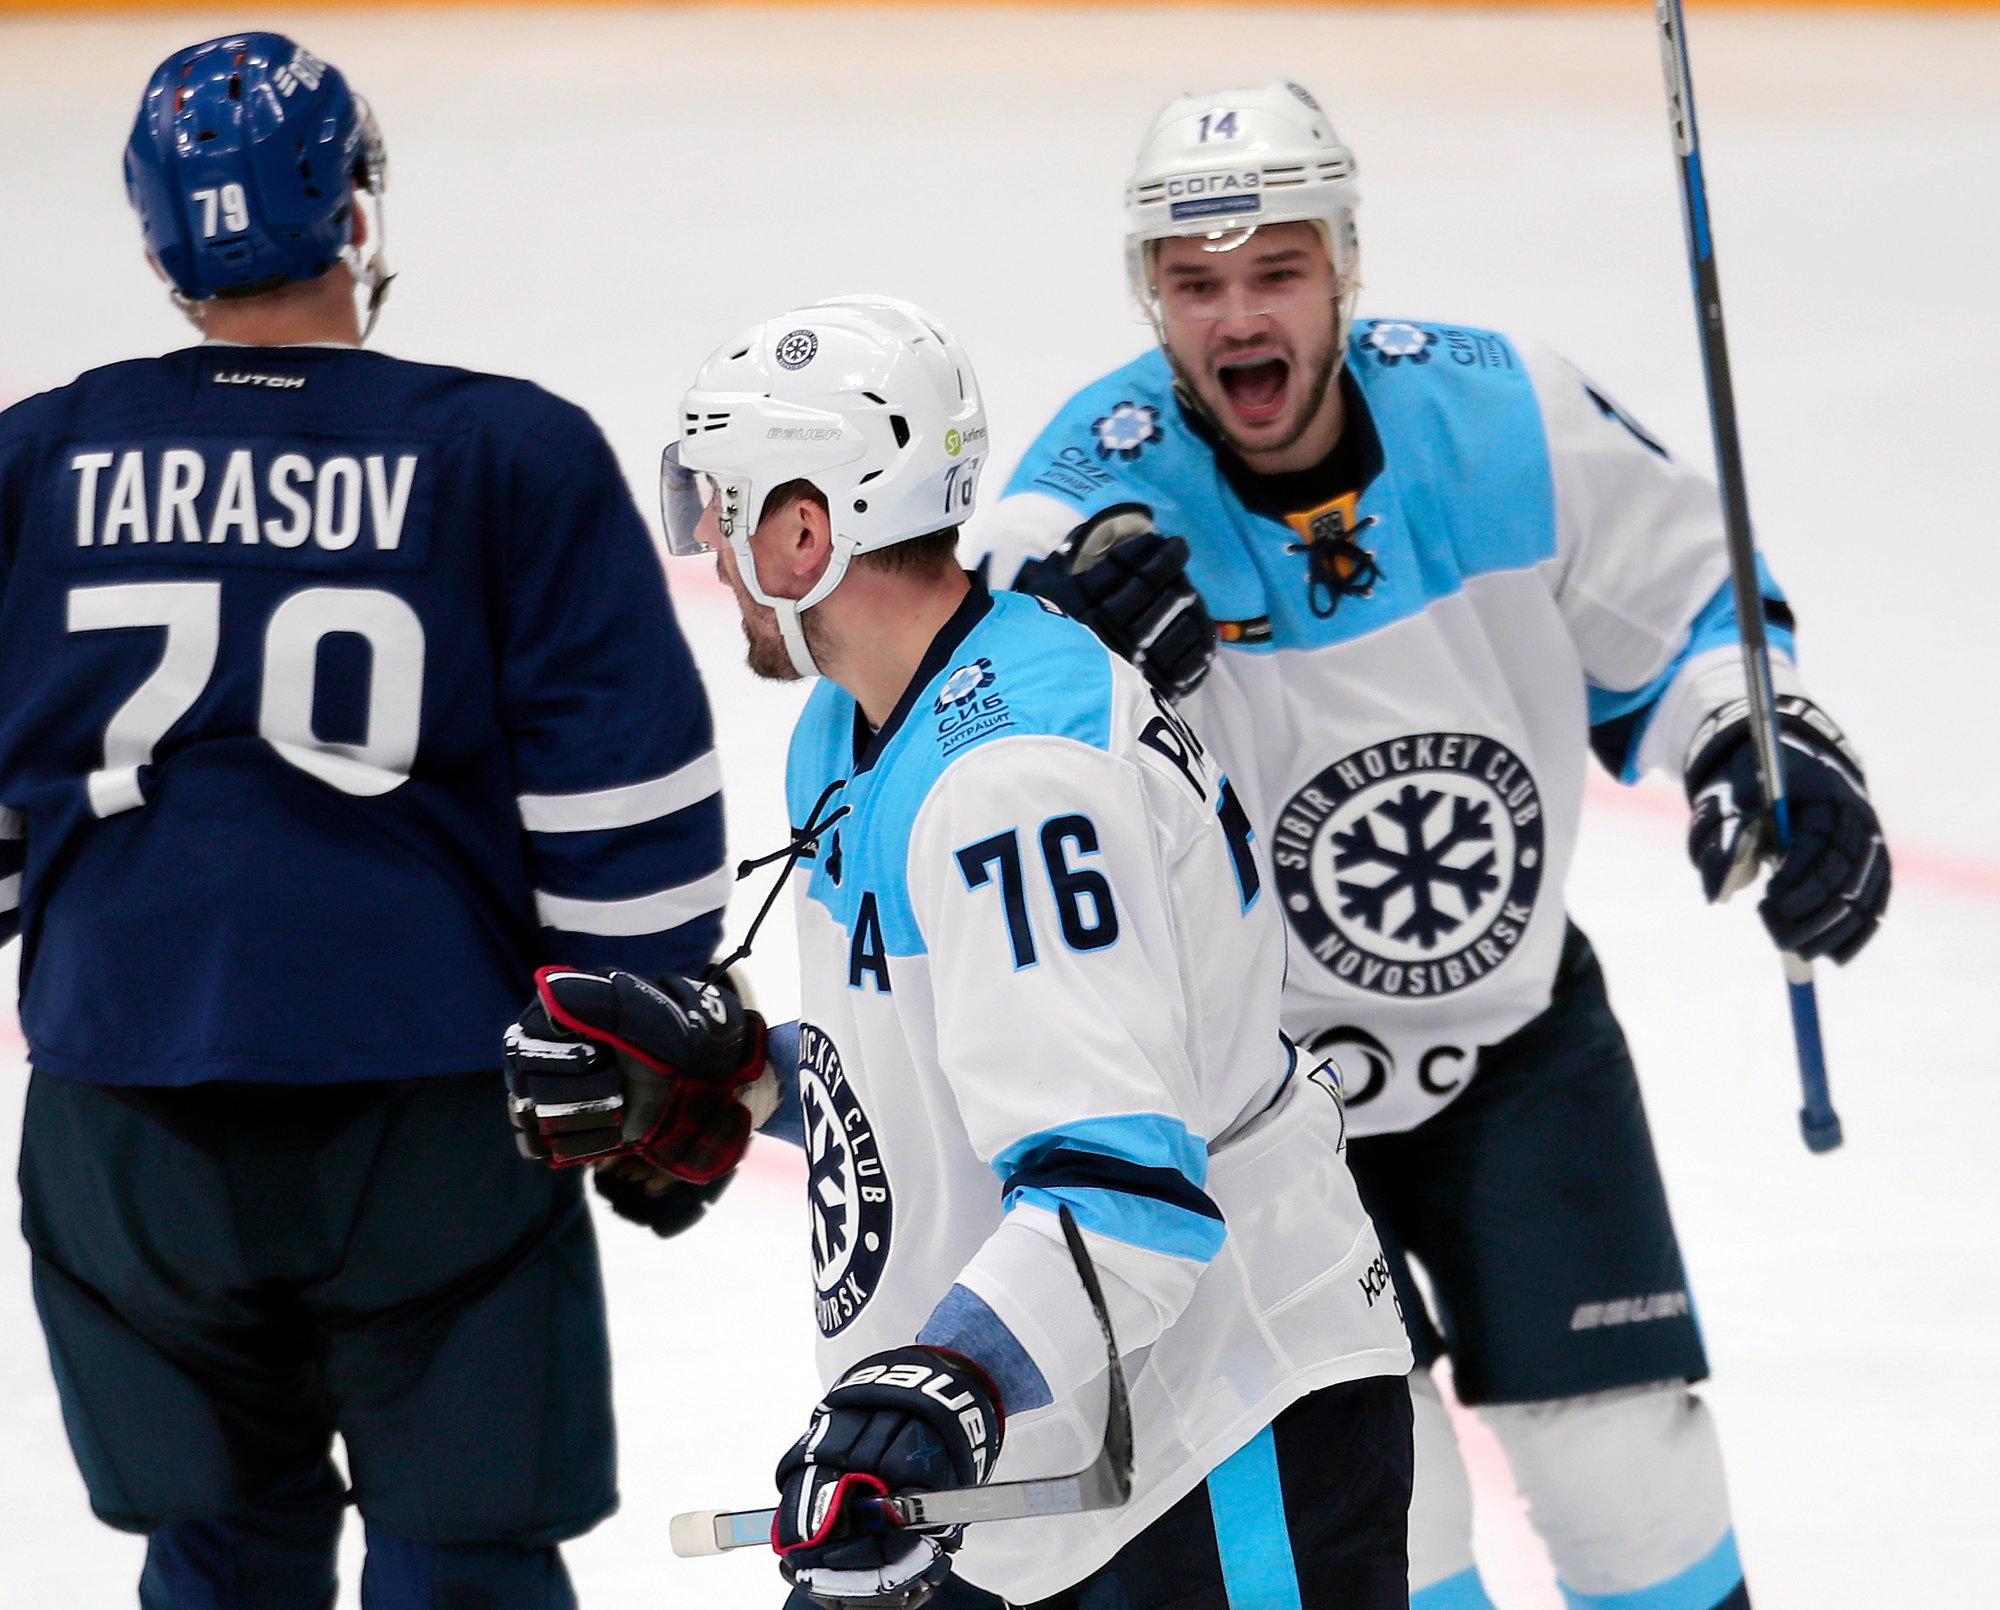 Сможет ли Сибирь обыграть Динамо Рига На что делать ставки на КХЛ 7 Октября 2018